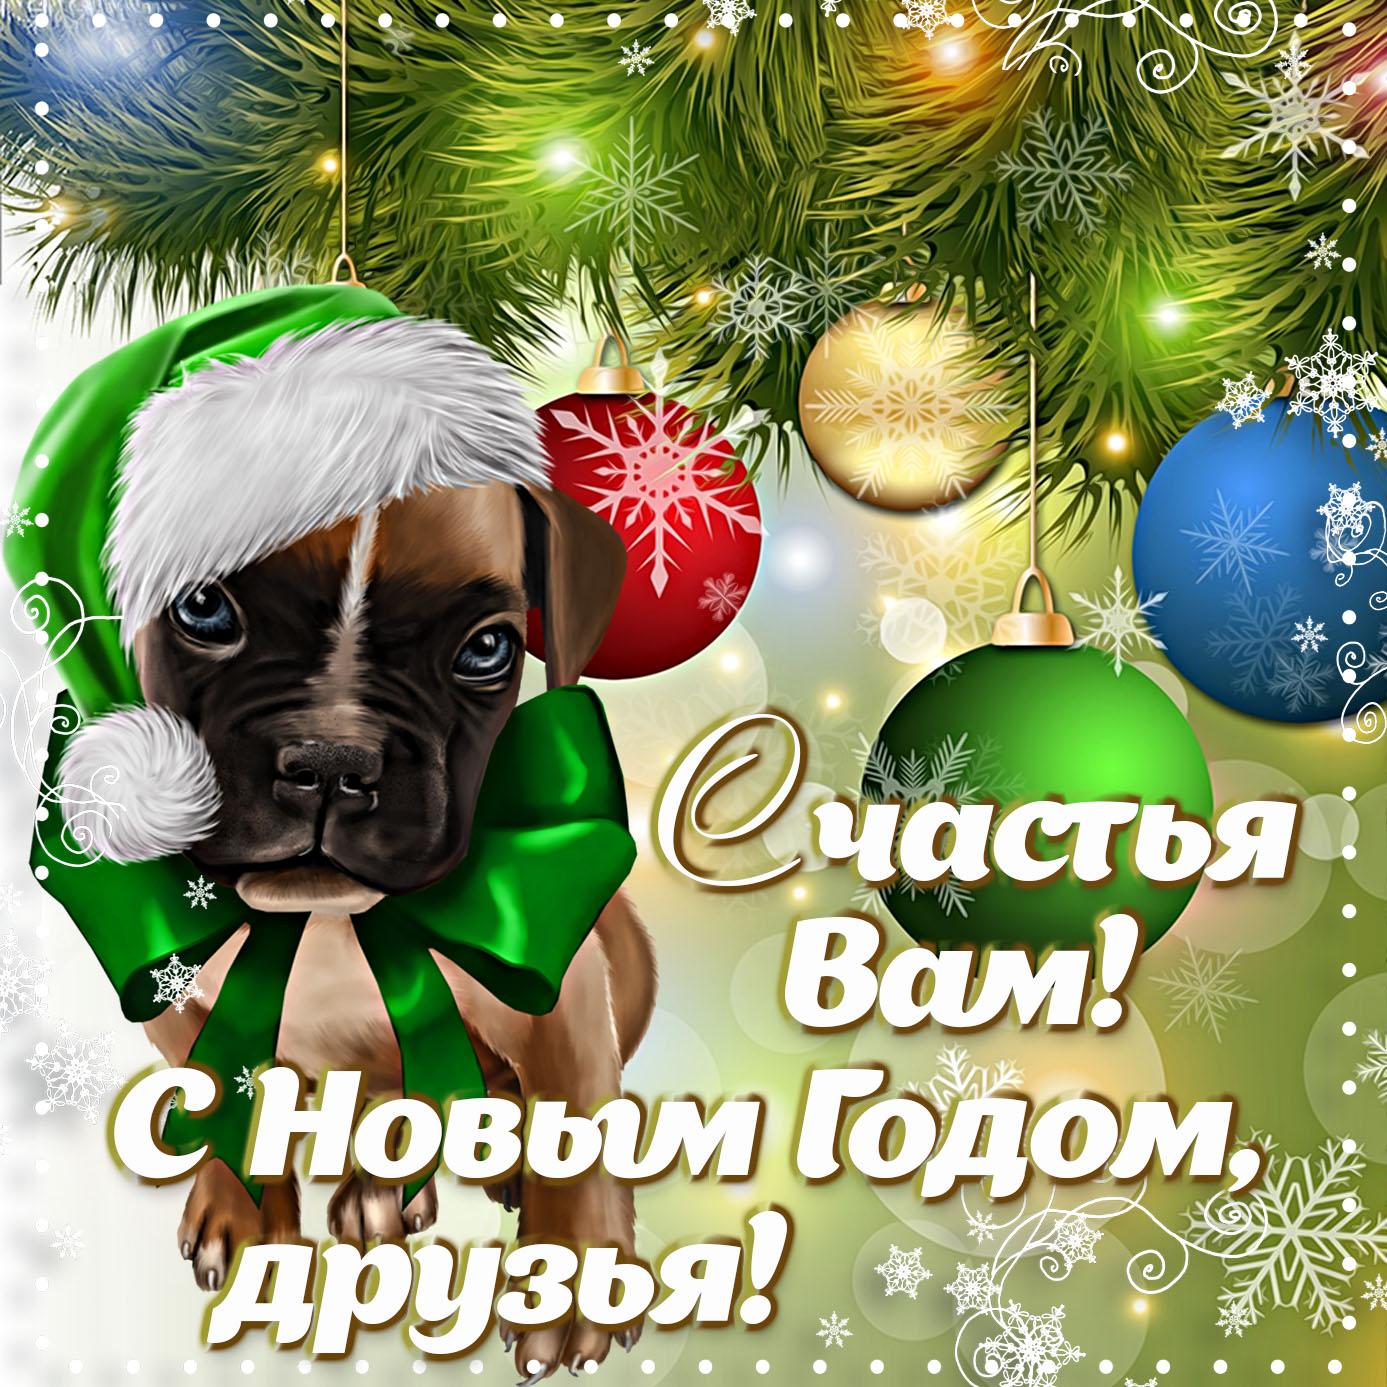 Картинка с милой собачкой на Новый год друзьям